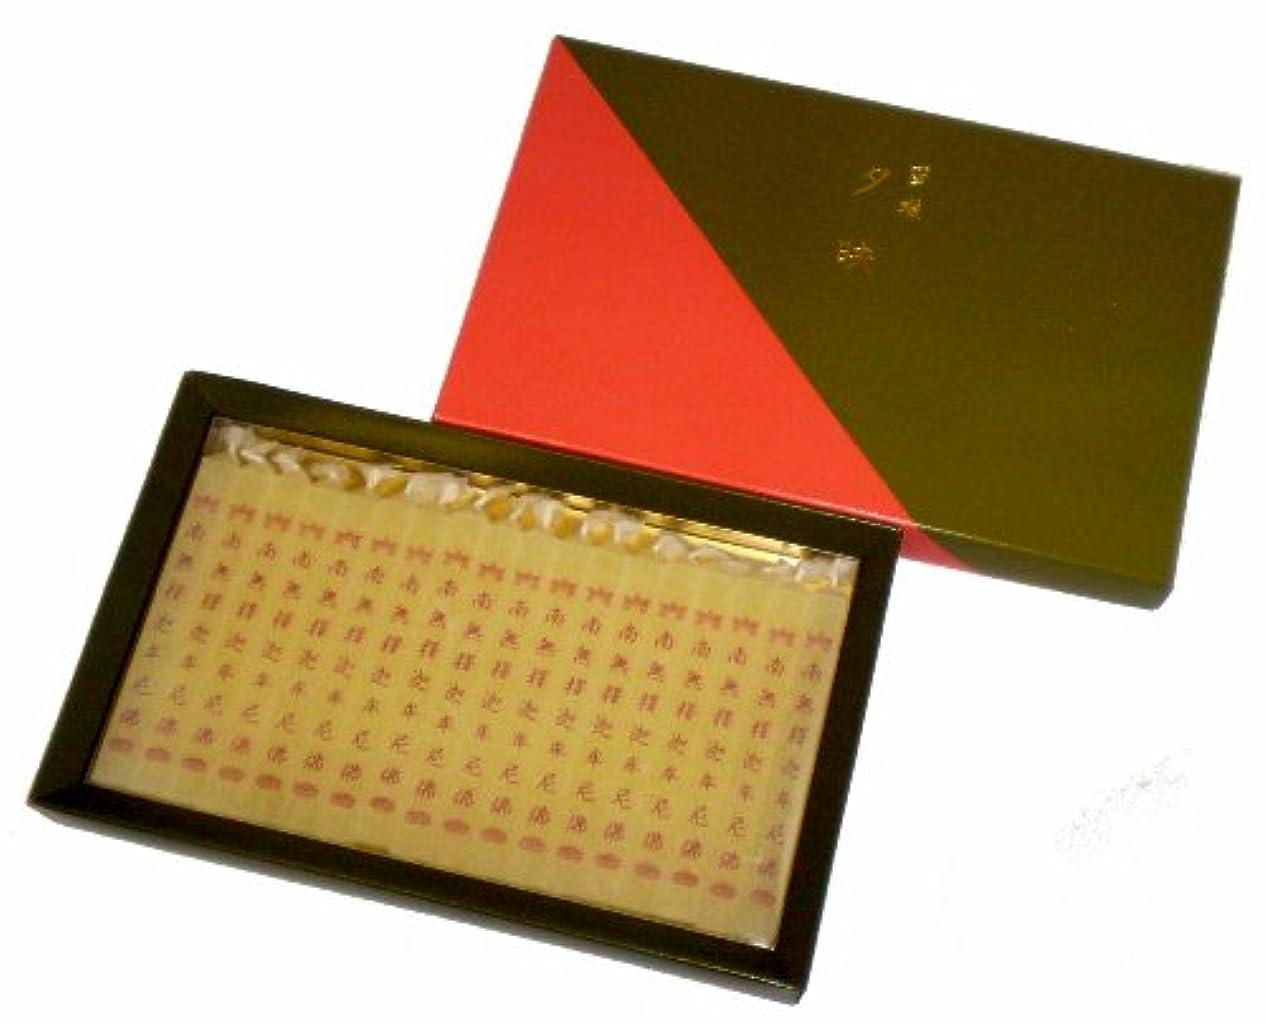 数学者ありがたい親愛な鳥居のローソク 蜜蝋夕映 釈迦 18本入 紙箱 #100755